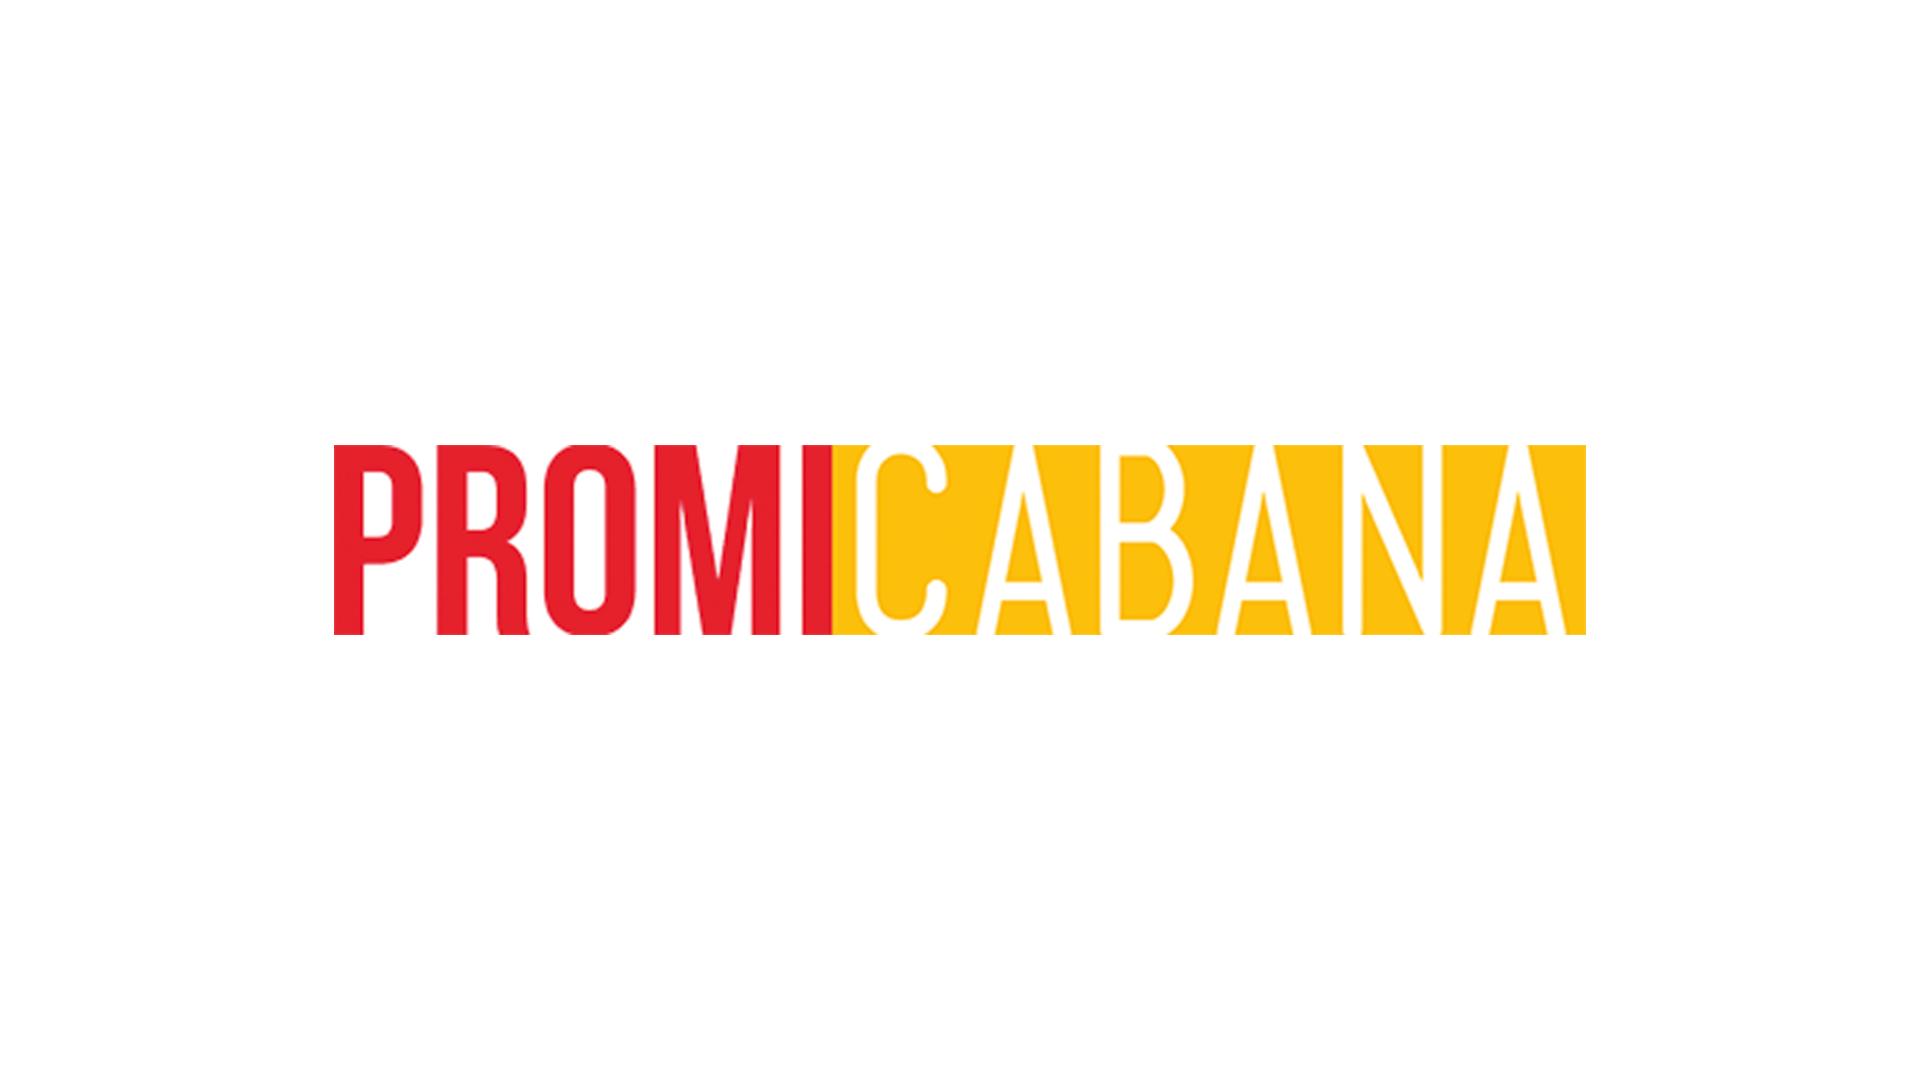 Jesse-Tyler-Ferguson-Ellen-DeGeneres-Modern-Family